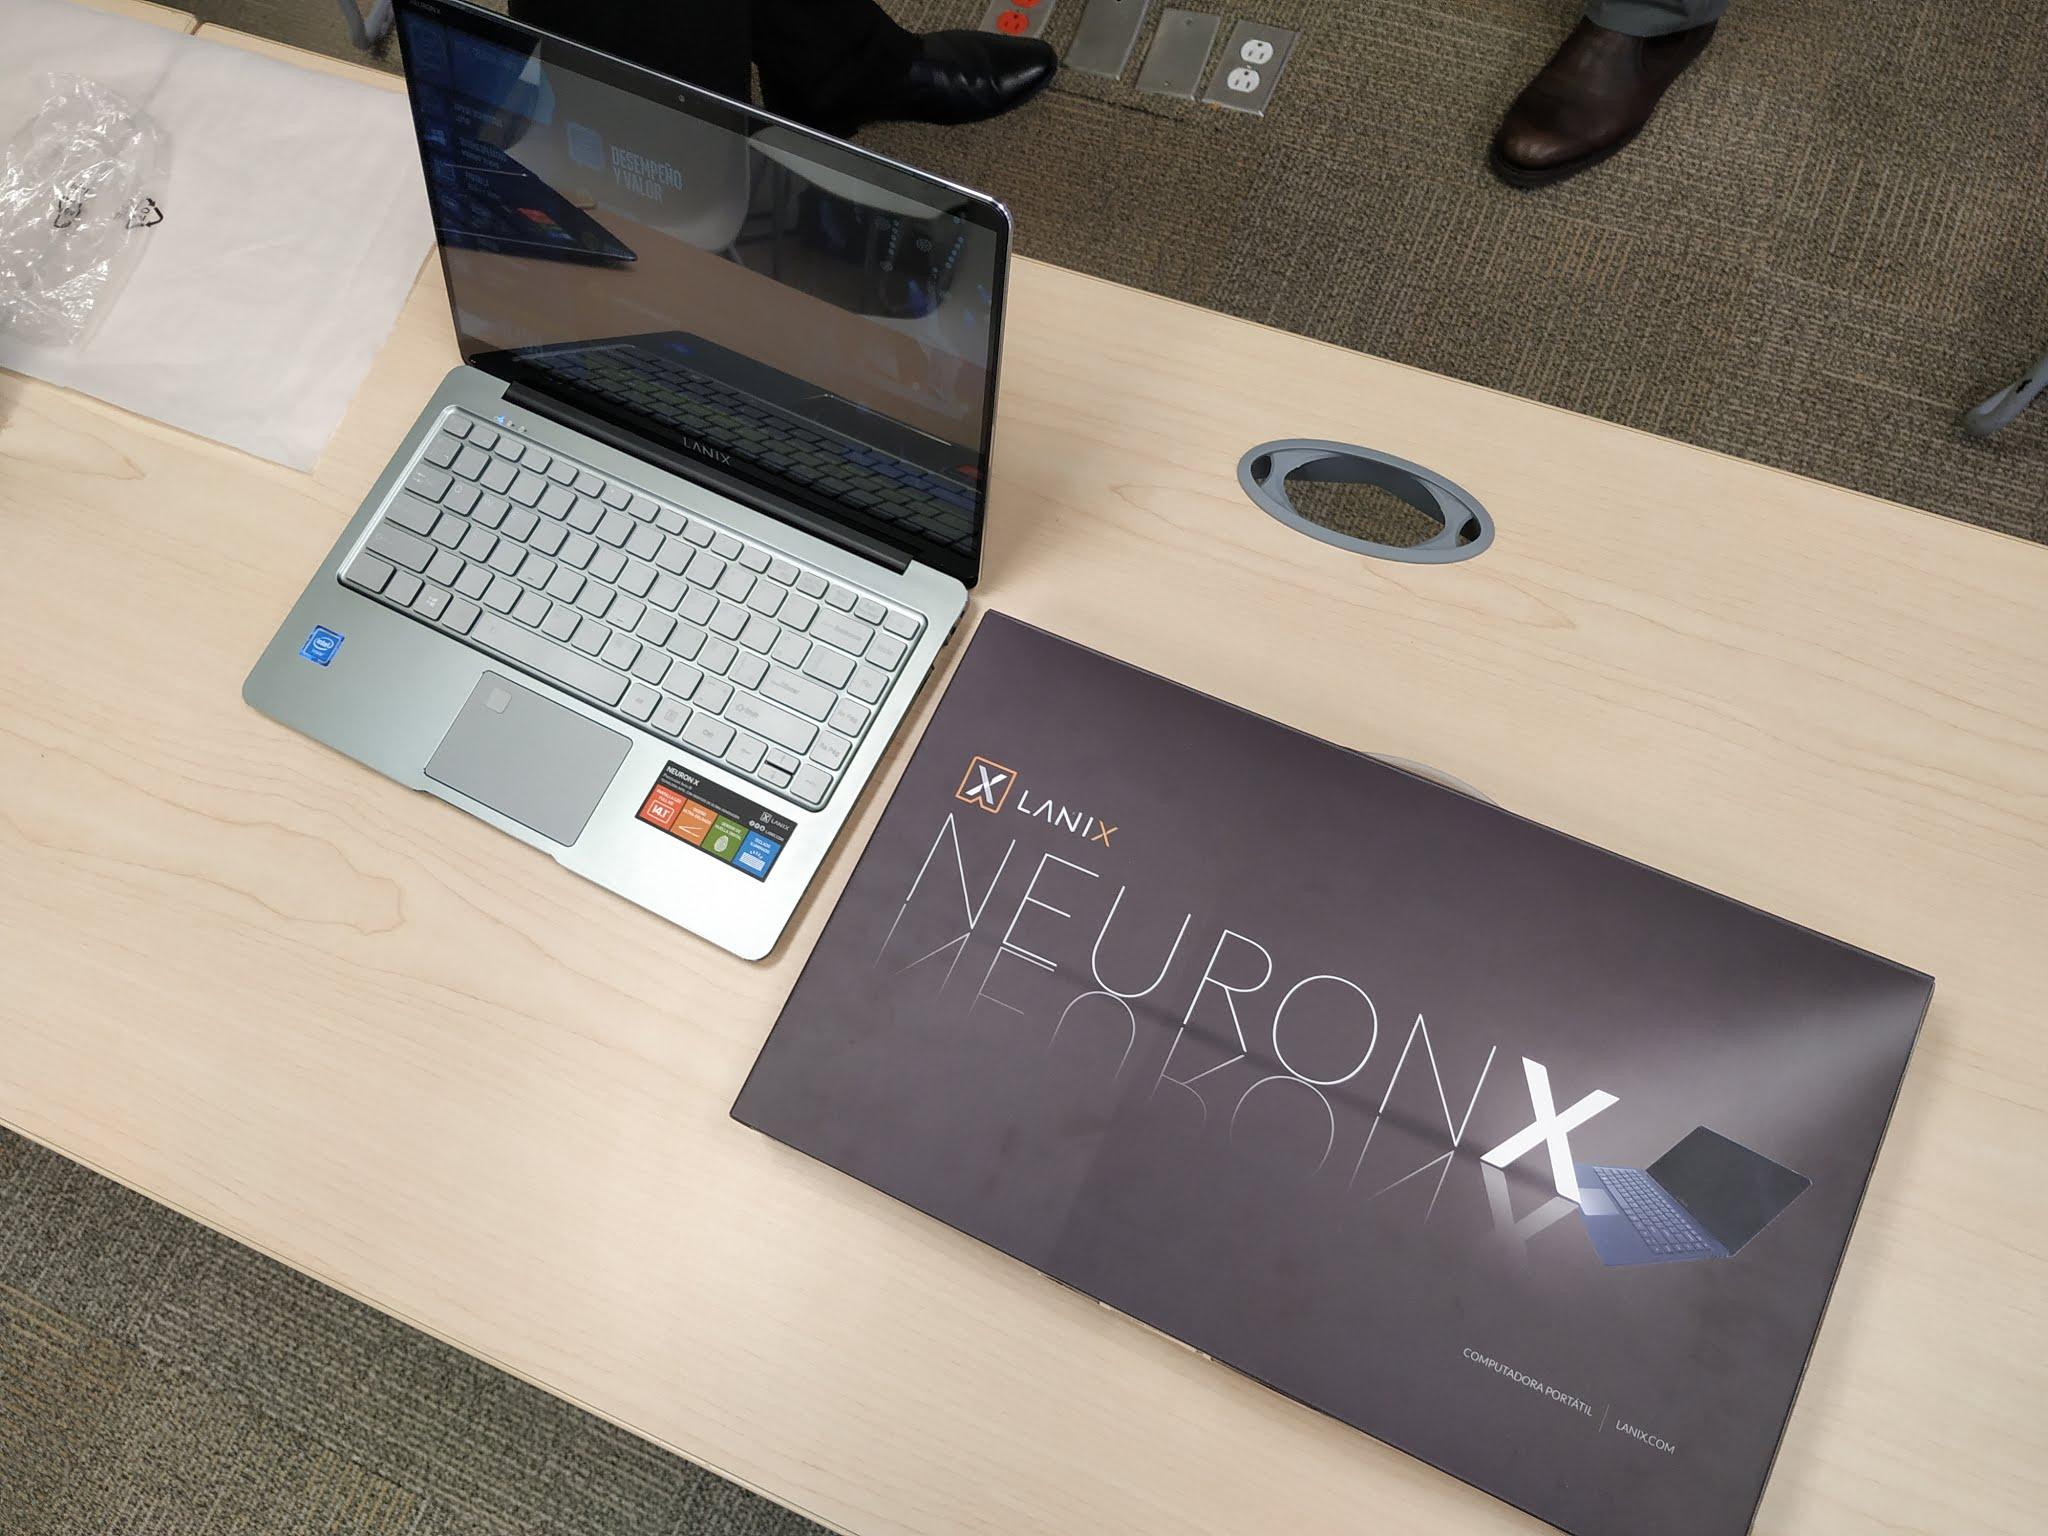 Lanix Neuron X